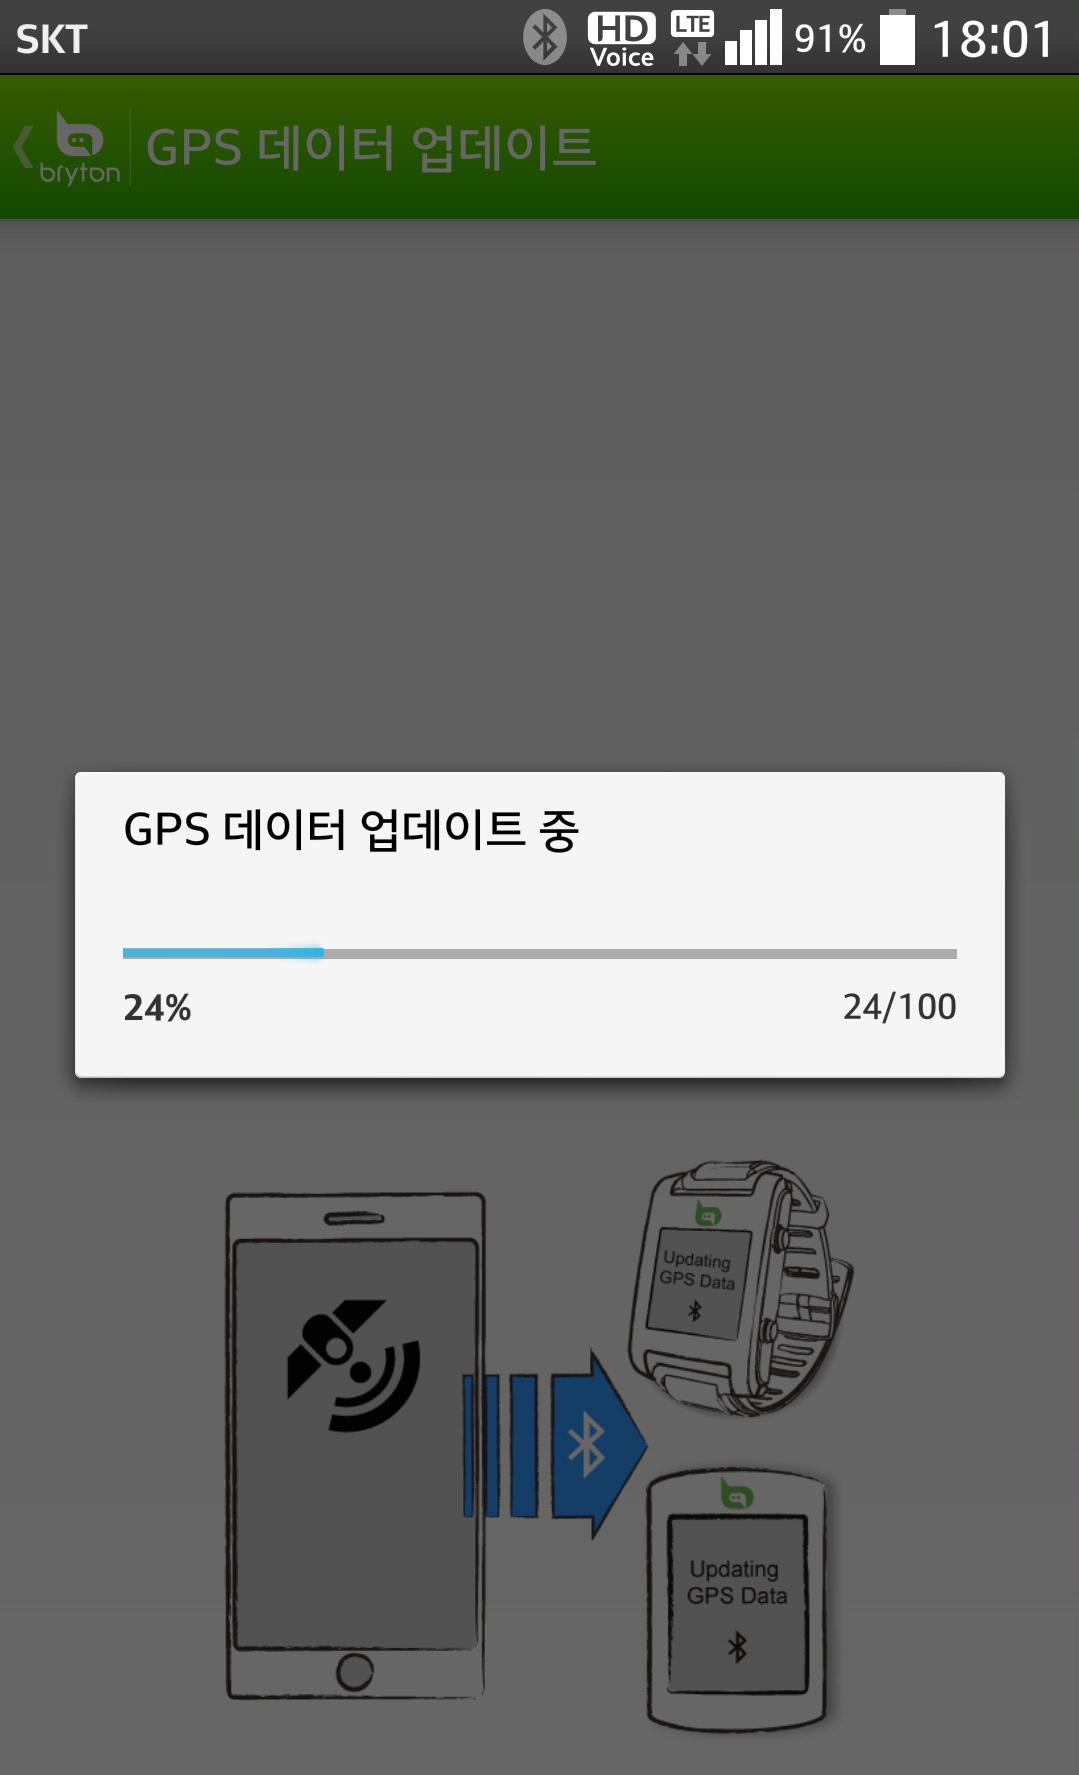 2. GPS 데이터를 아미스로 다운로드